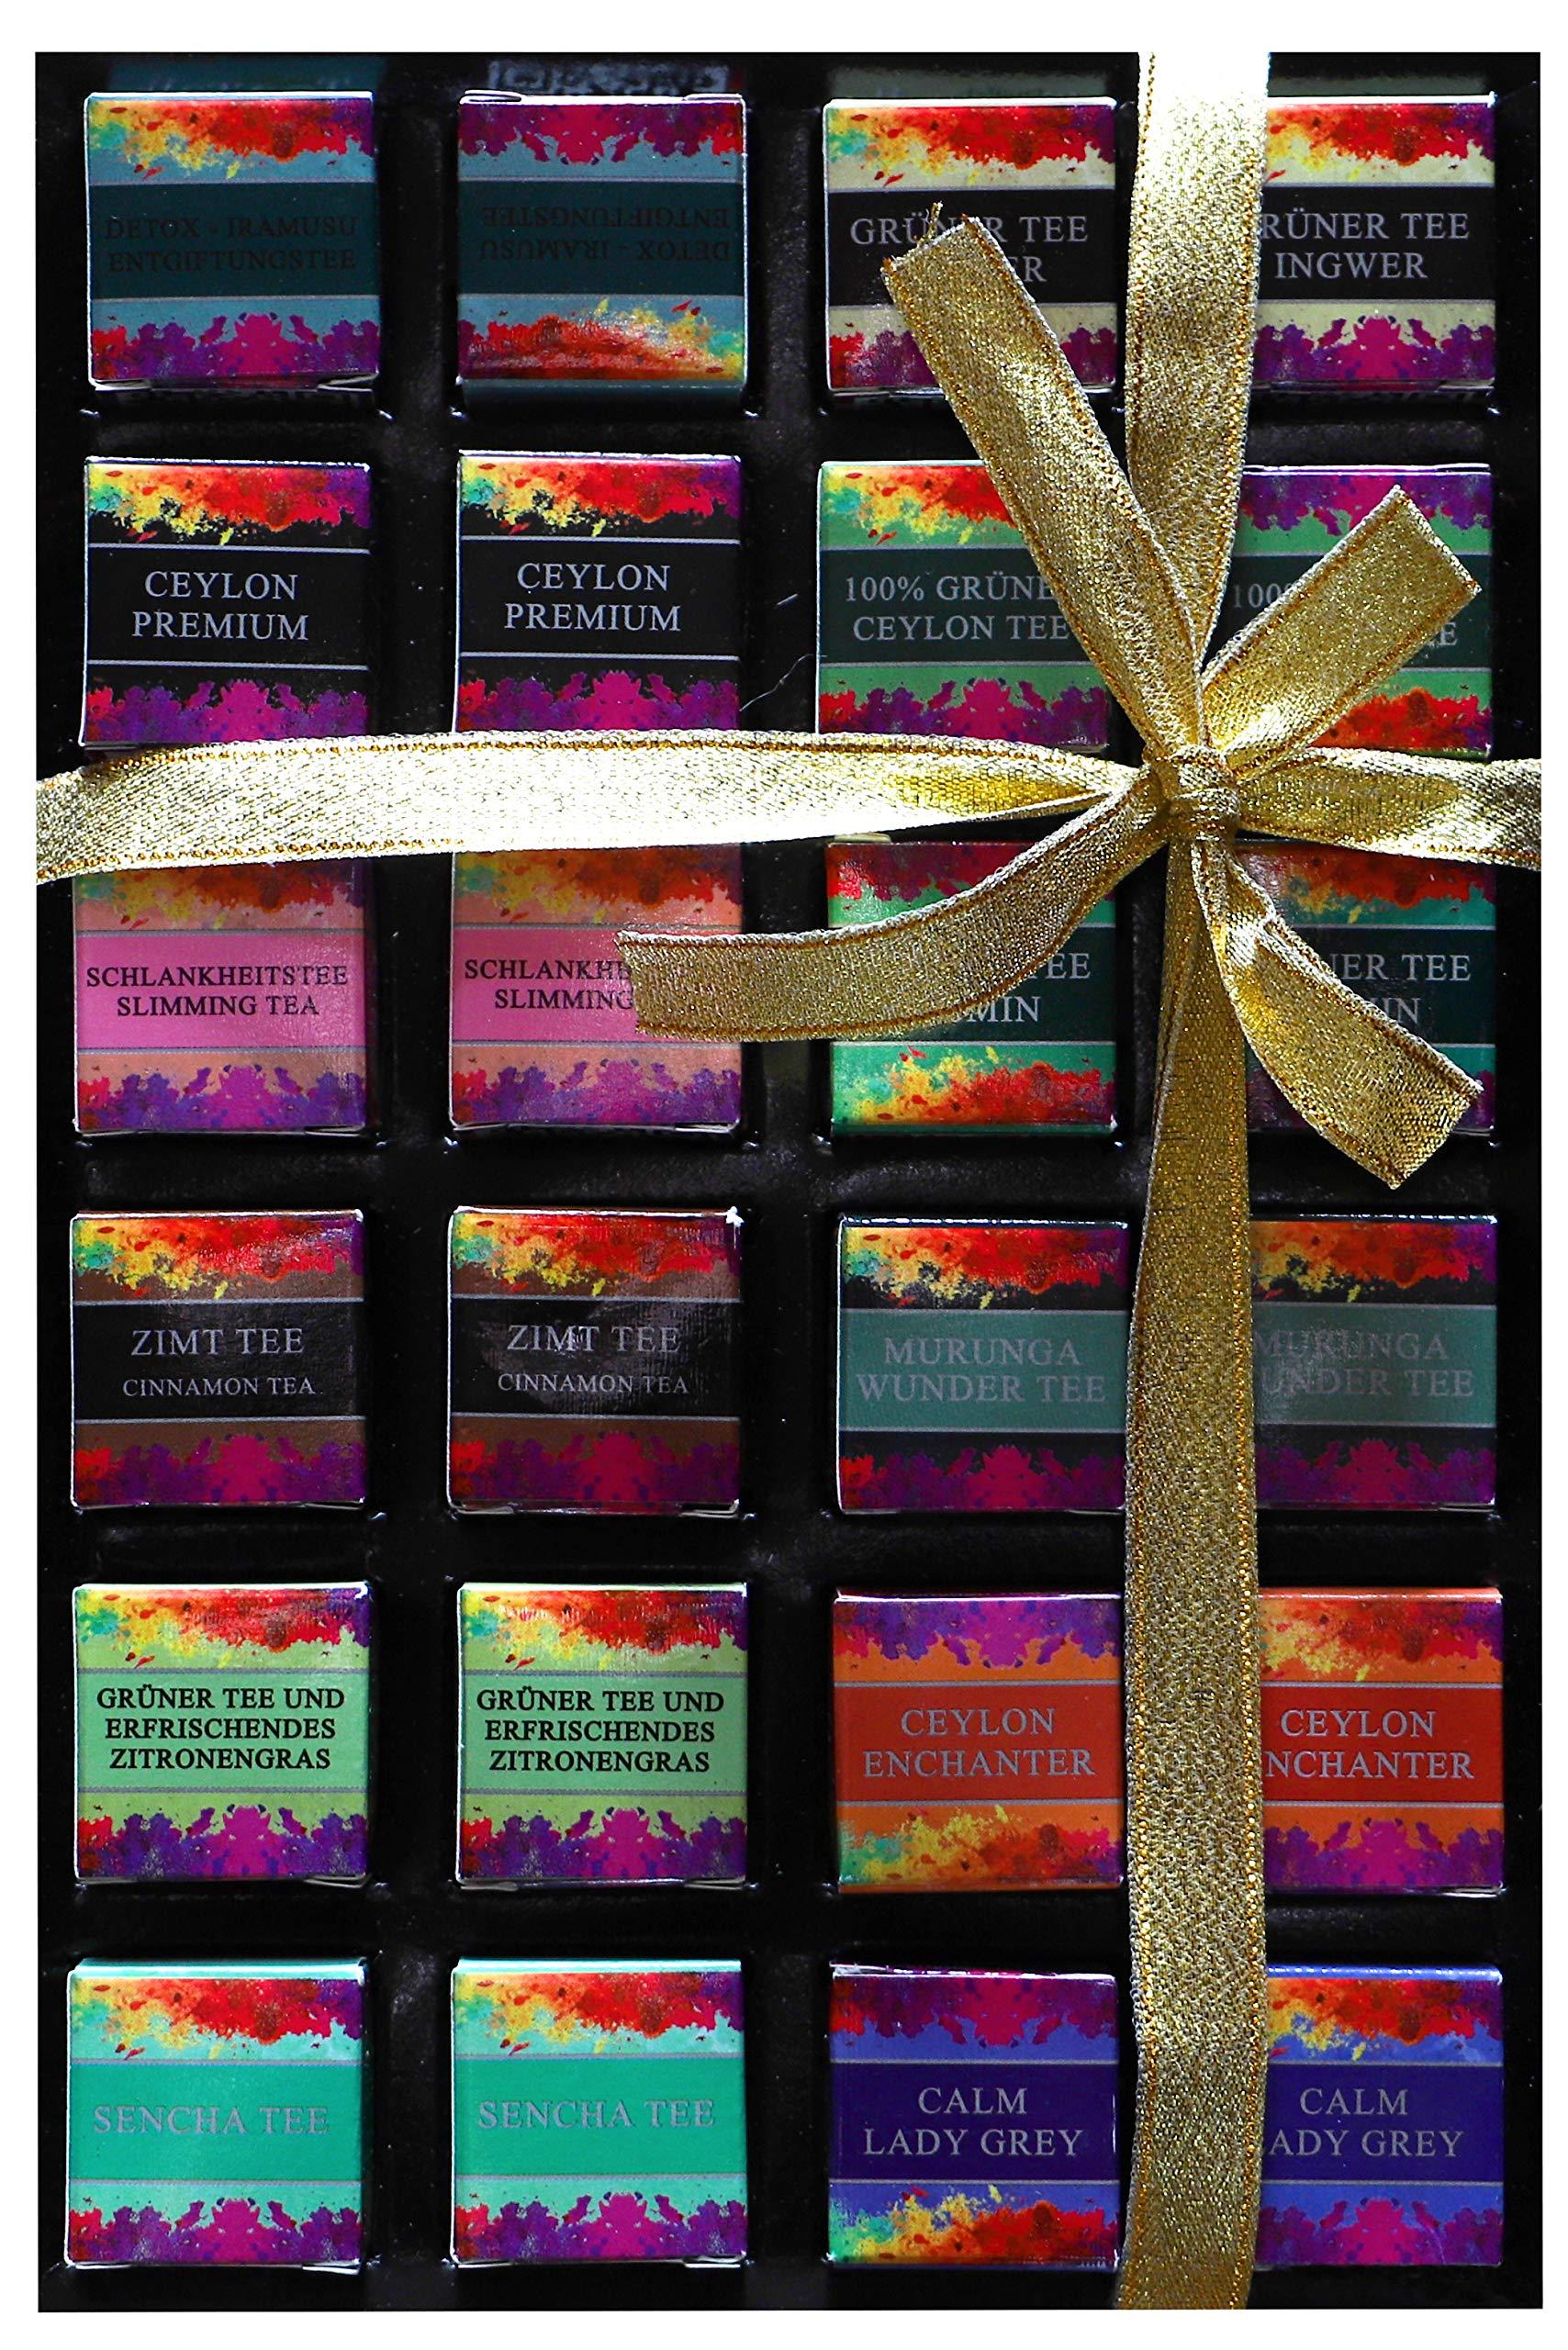 Lovers-Tea-Collection-Beste-Wahl-24-Pyramiden-Teebeutel-in-Geschenkverpackung-direkt-von-der-Plantage-aus-Sri-Lanka